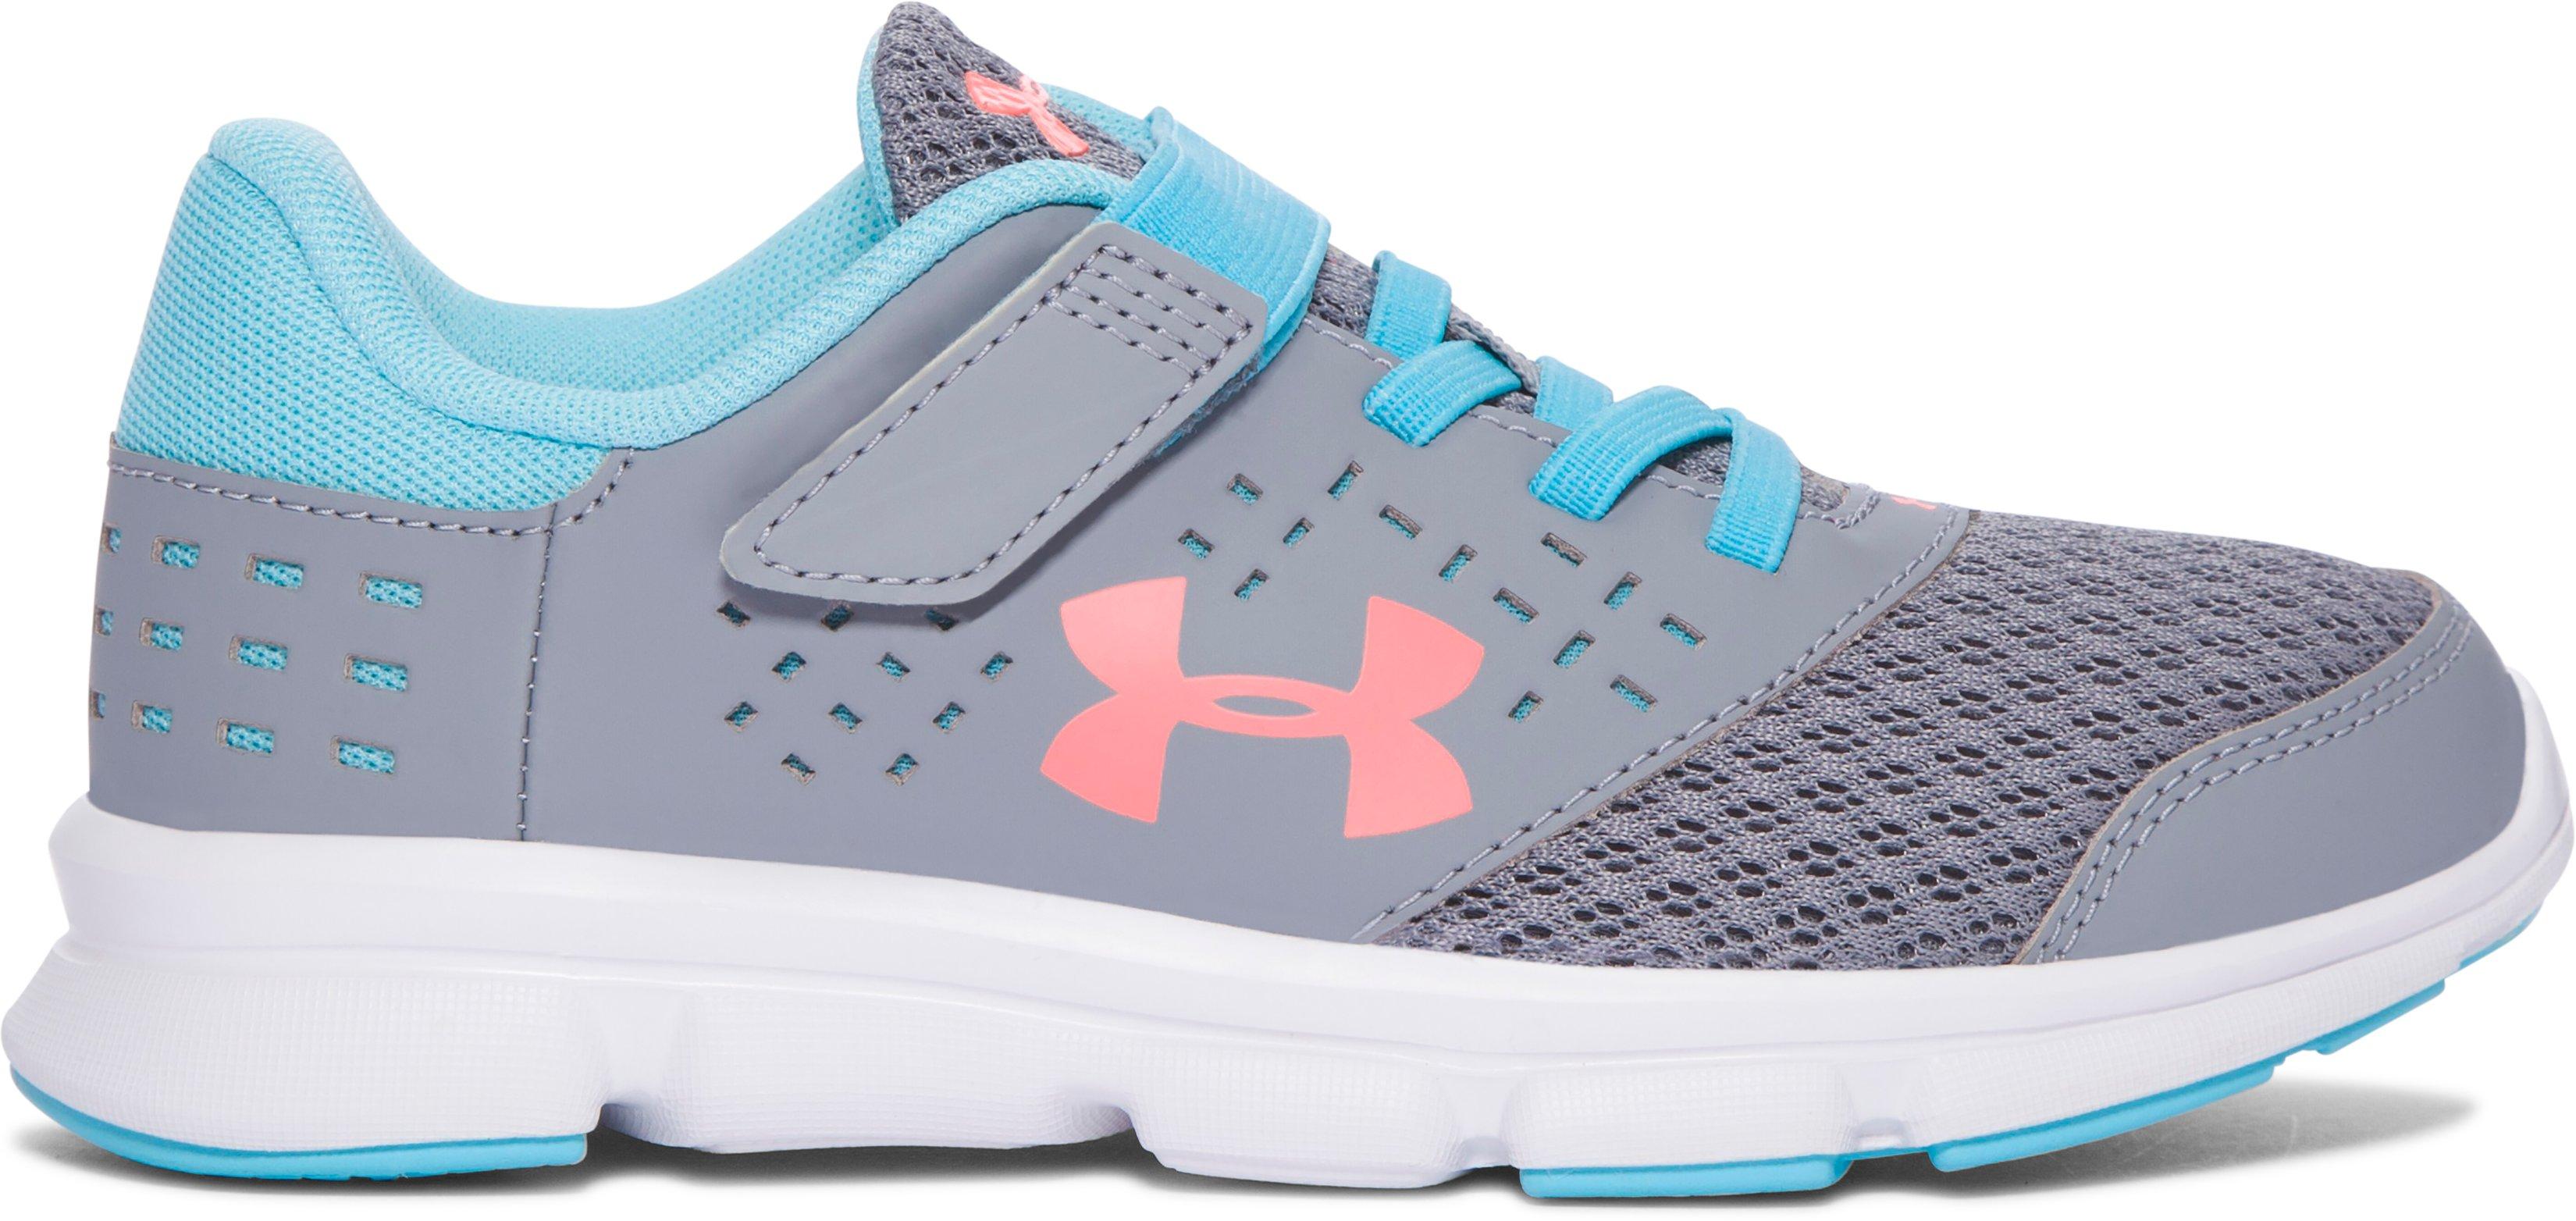 Zapatos de Running UA Rave con cierre alternativo para niña, 360 degree view